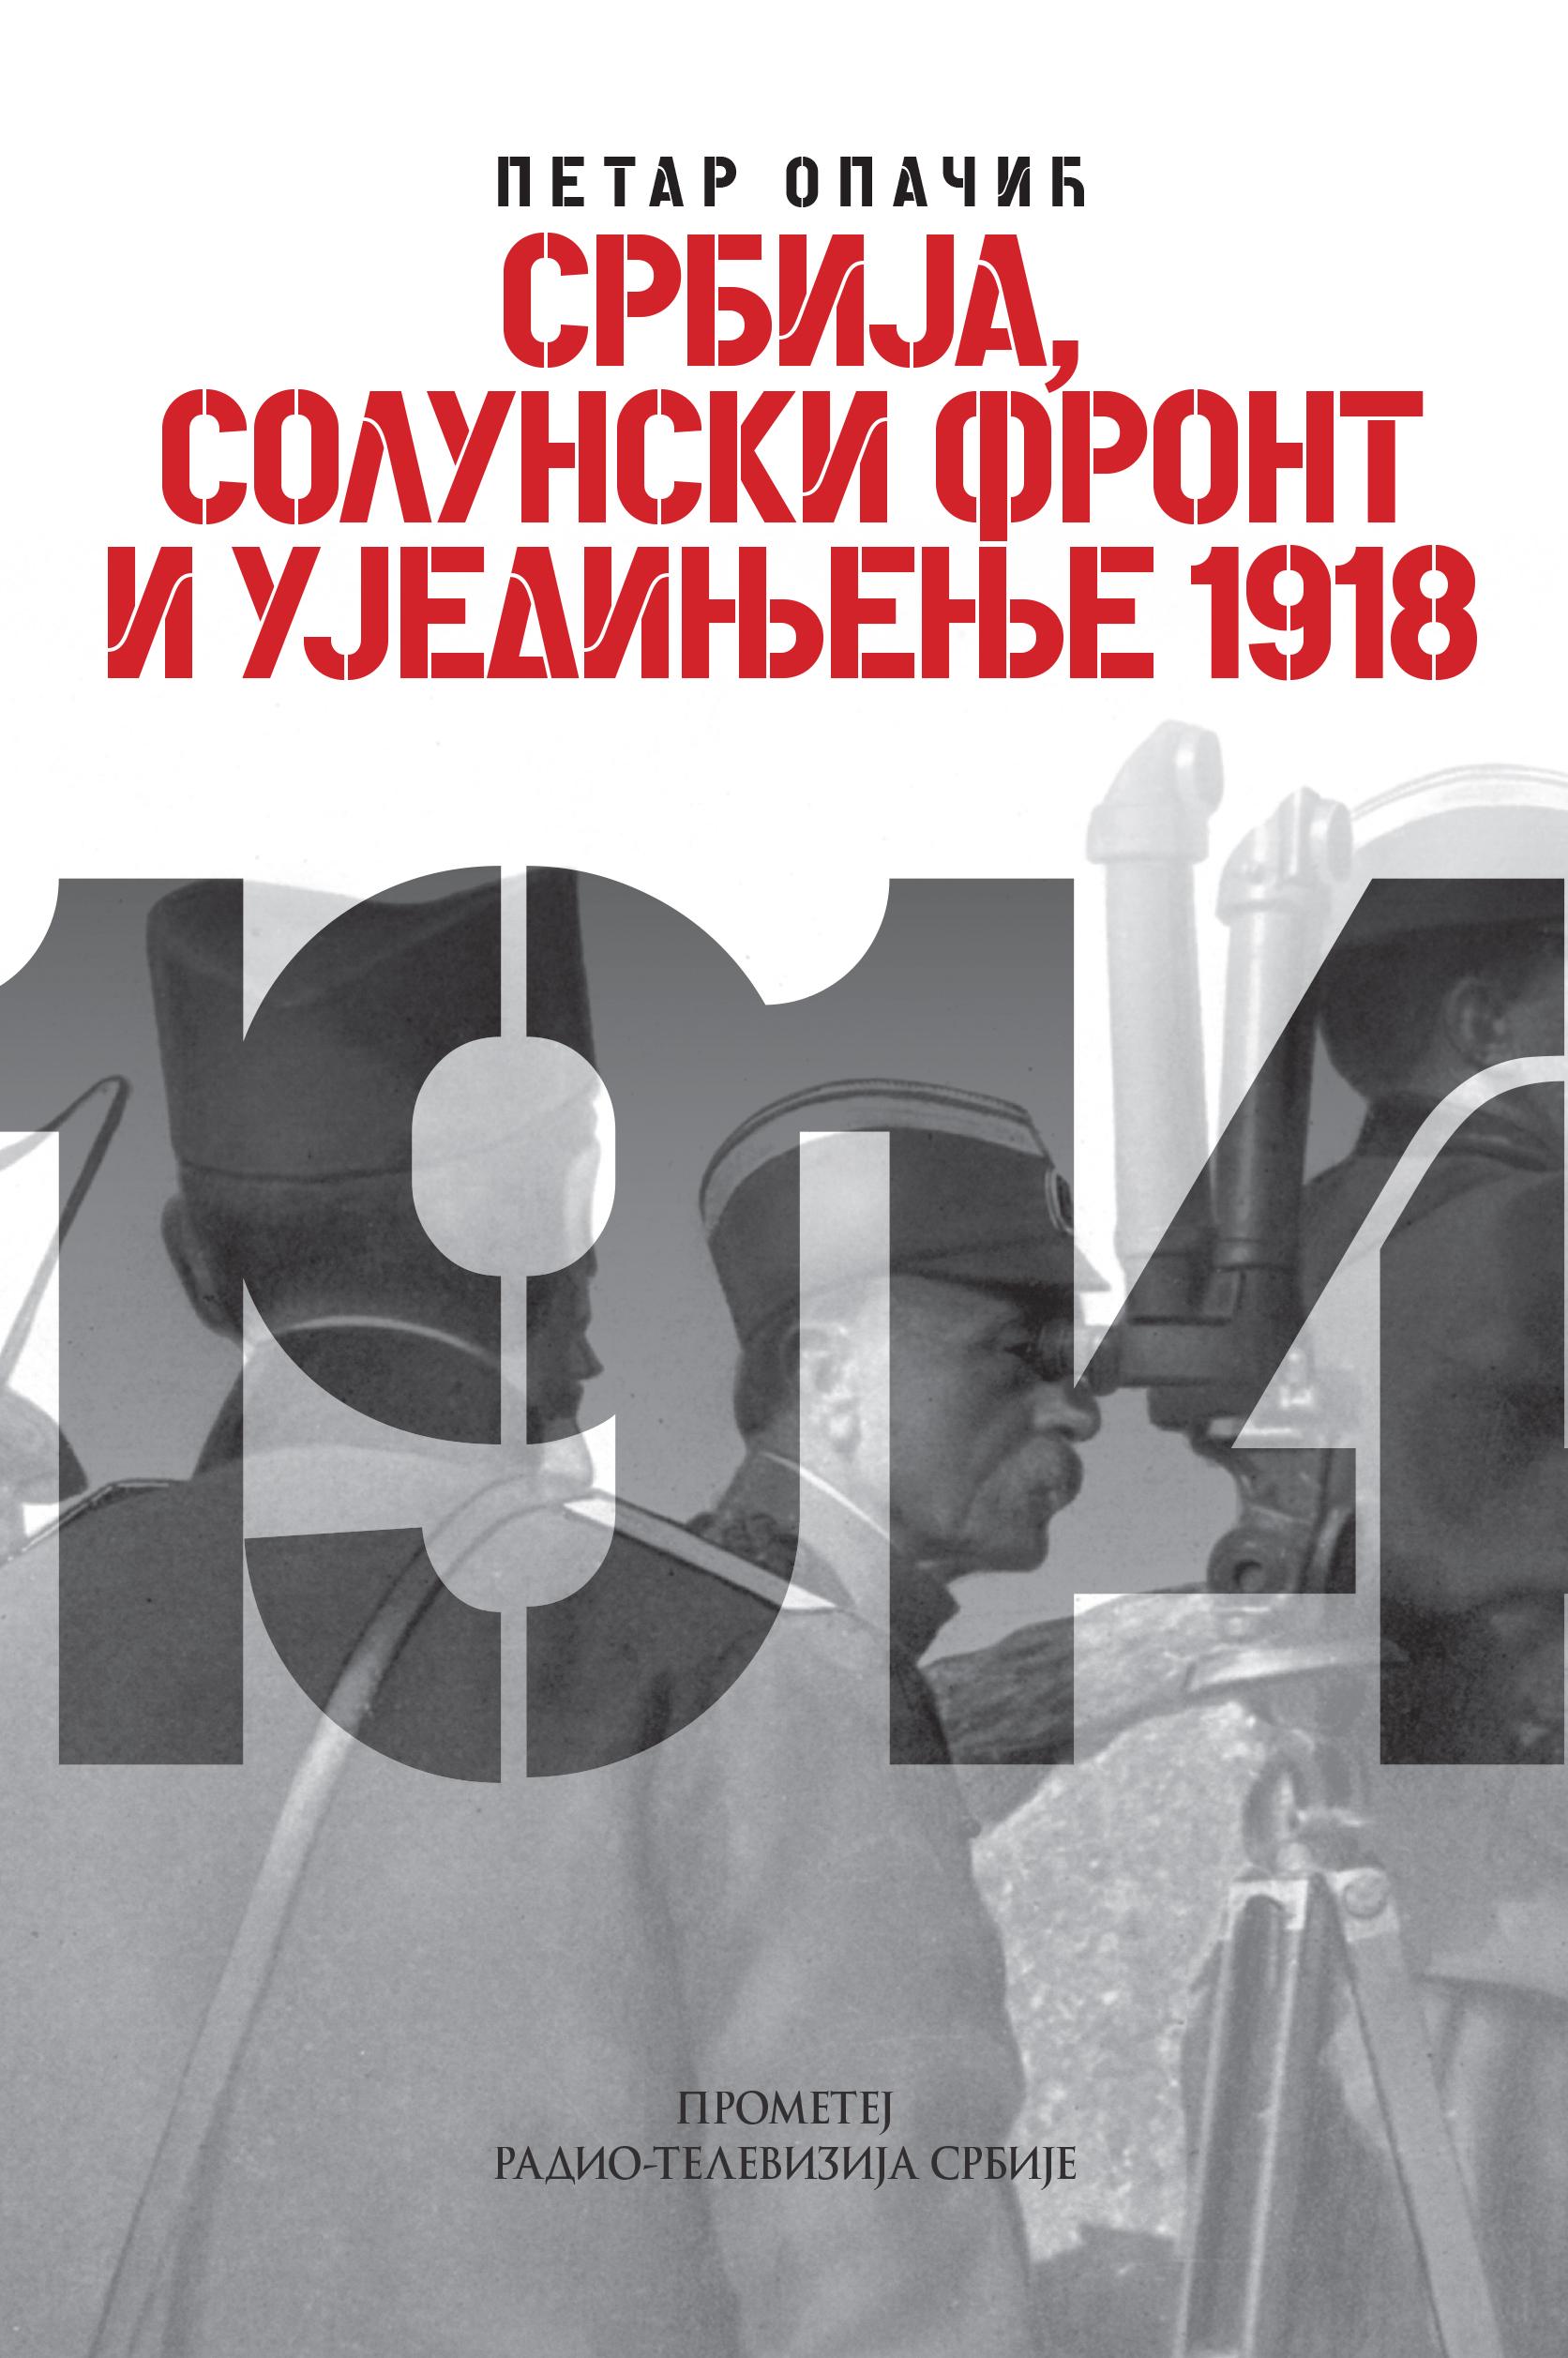 Srbija, Solunski front i ujedinjenje